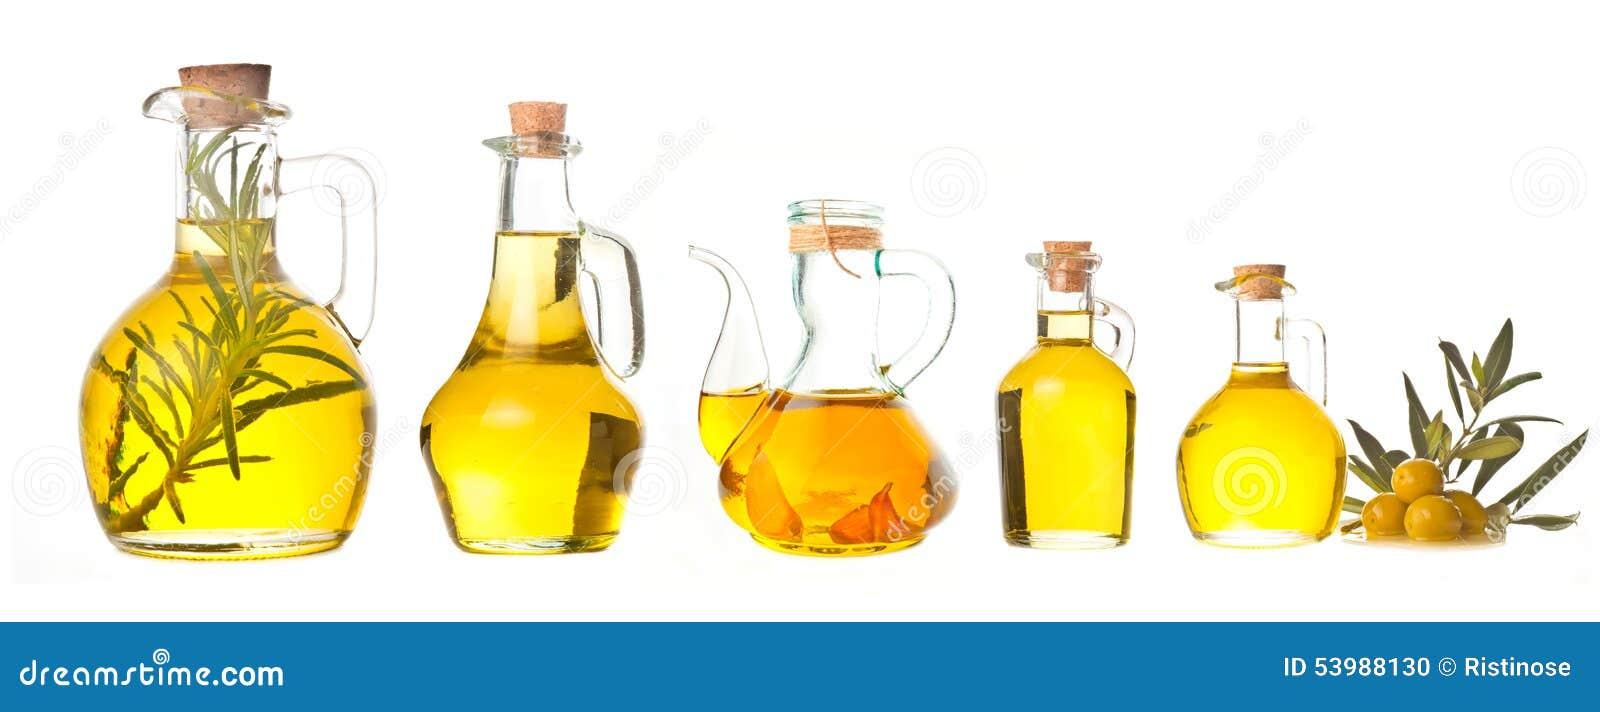 Isolerade extra jungfruliga olivoljor